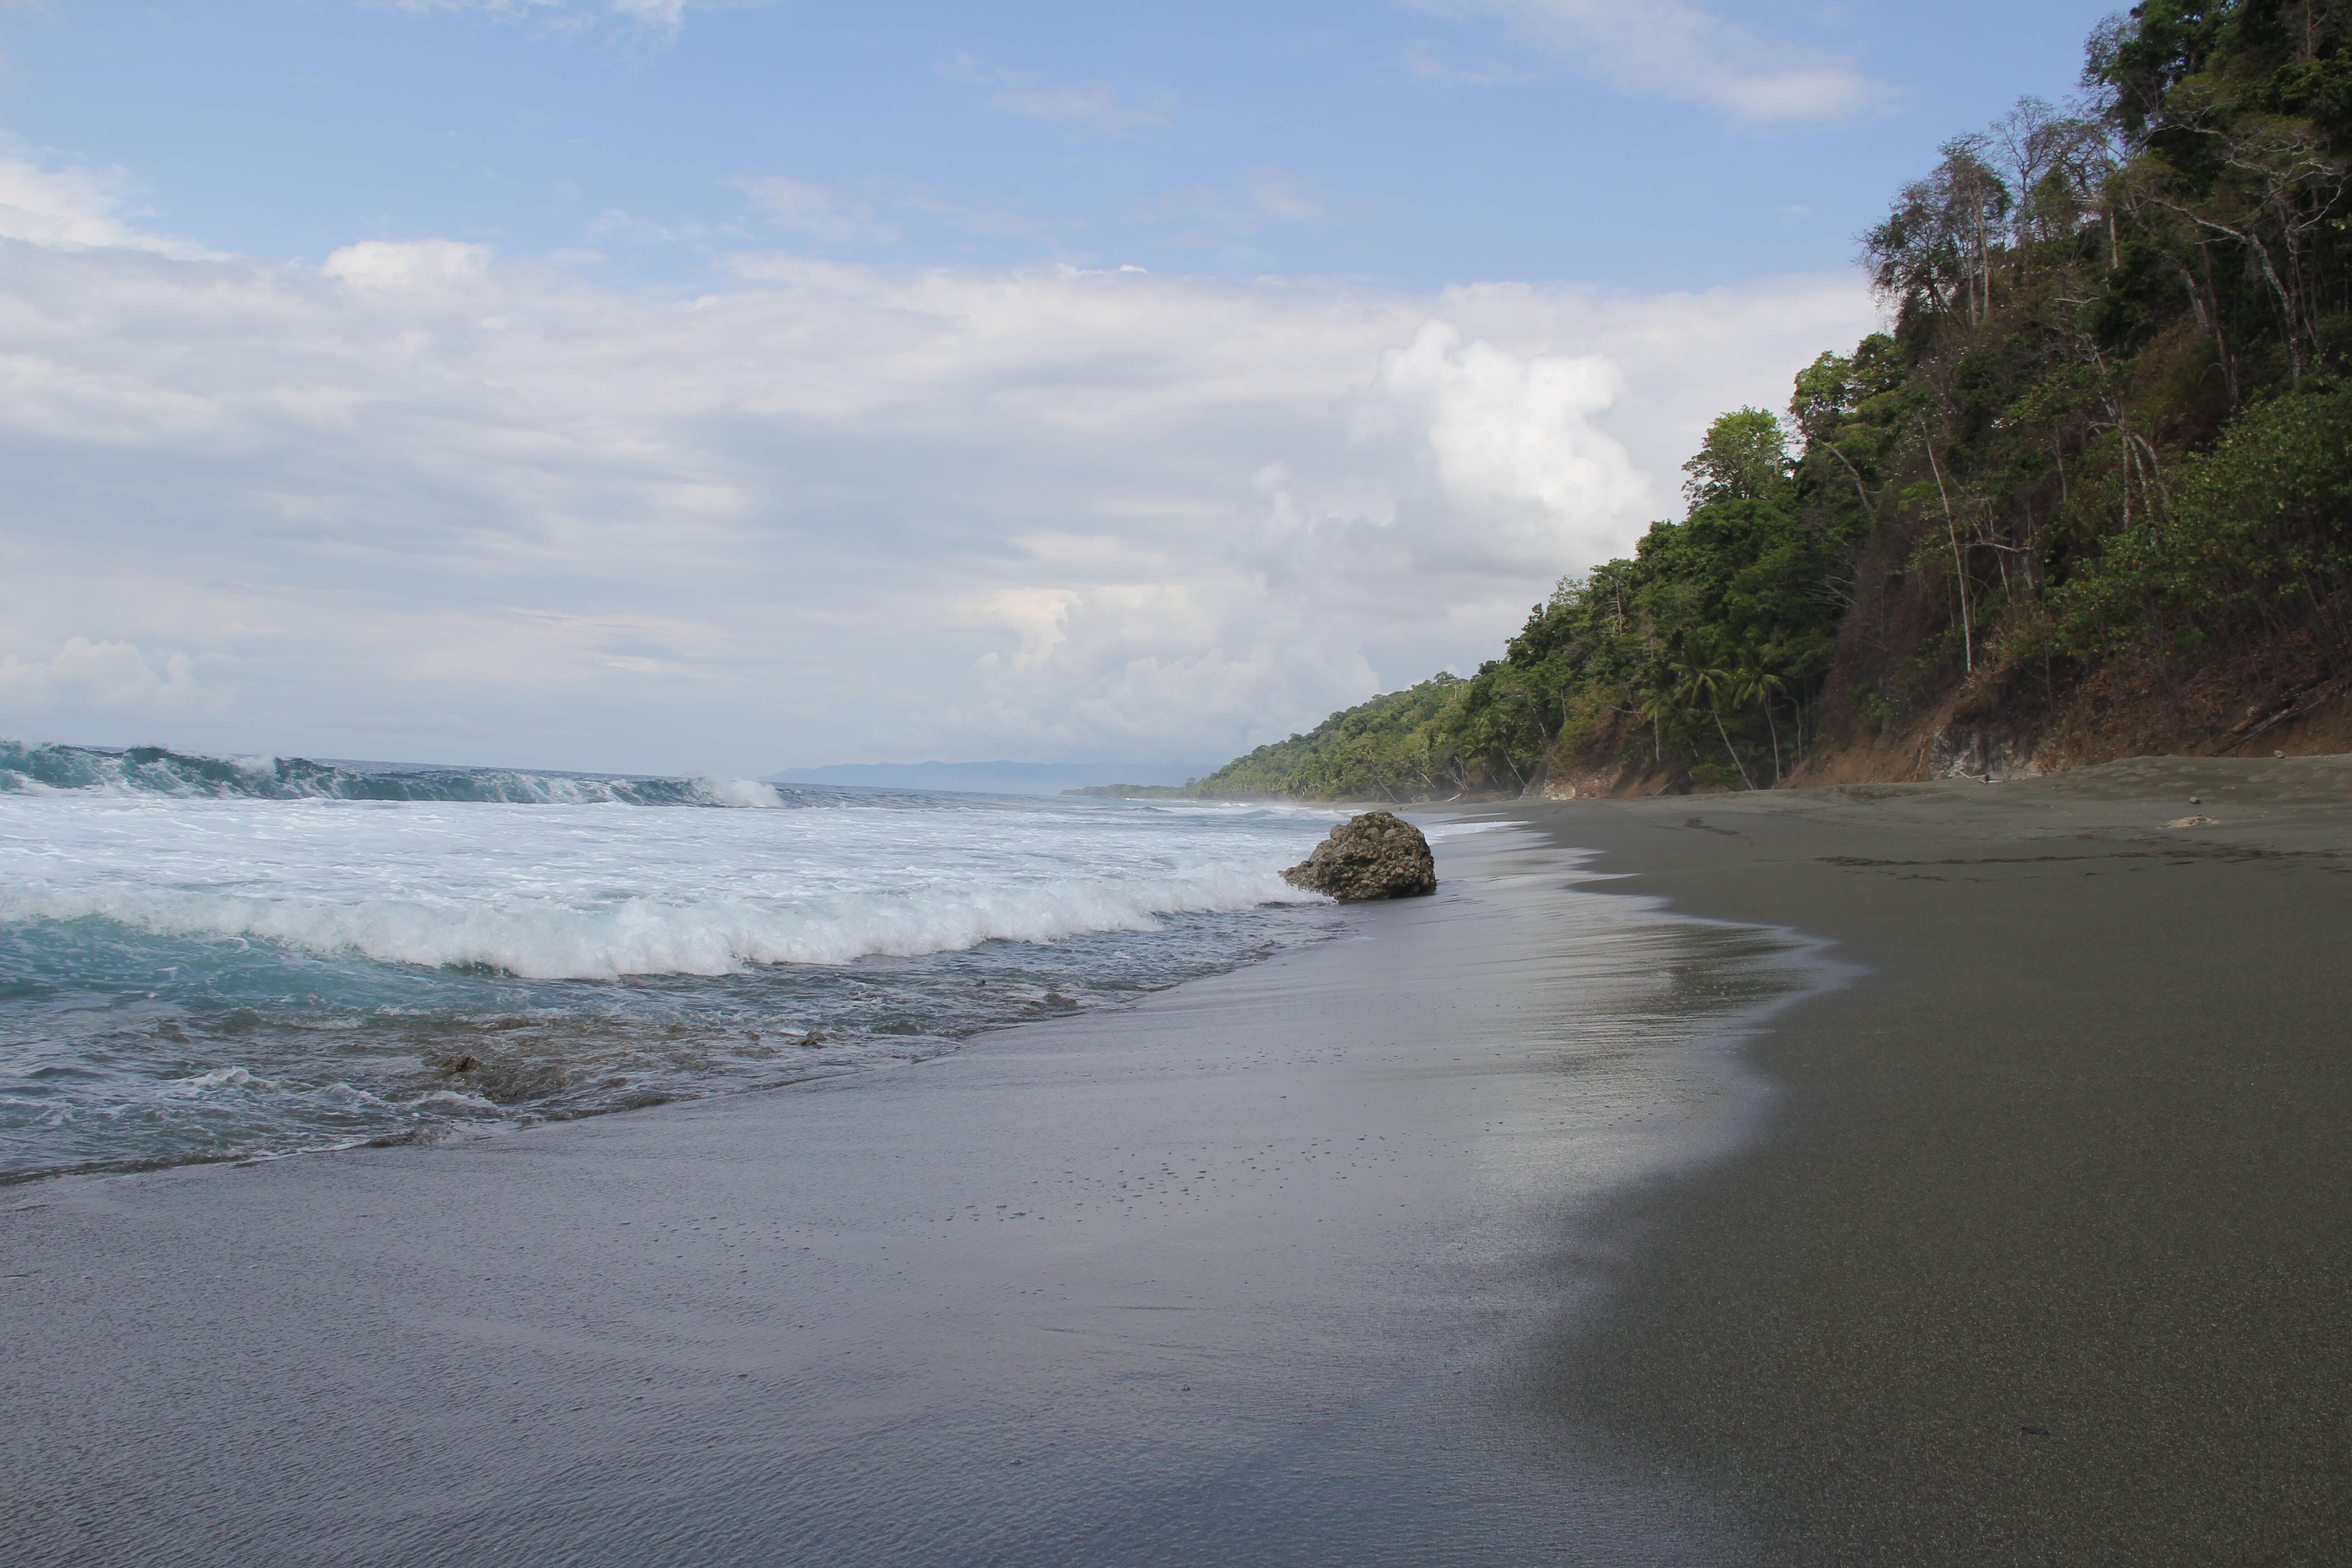 A praia de Cabo Matapalo é uma das várias praias costarriquenhas com ondas de alto nível para os surfistas. Foto: shutterstock